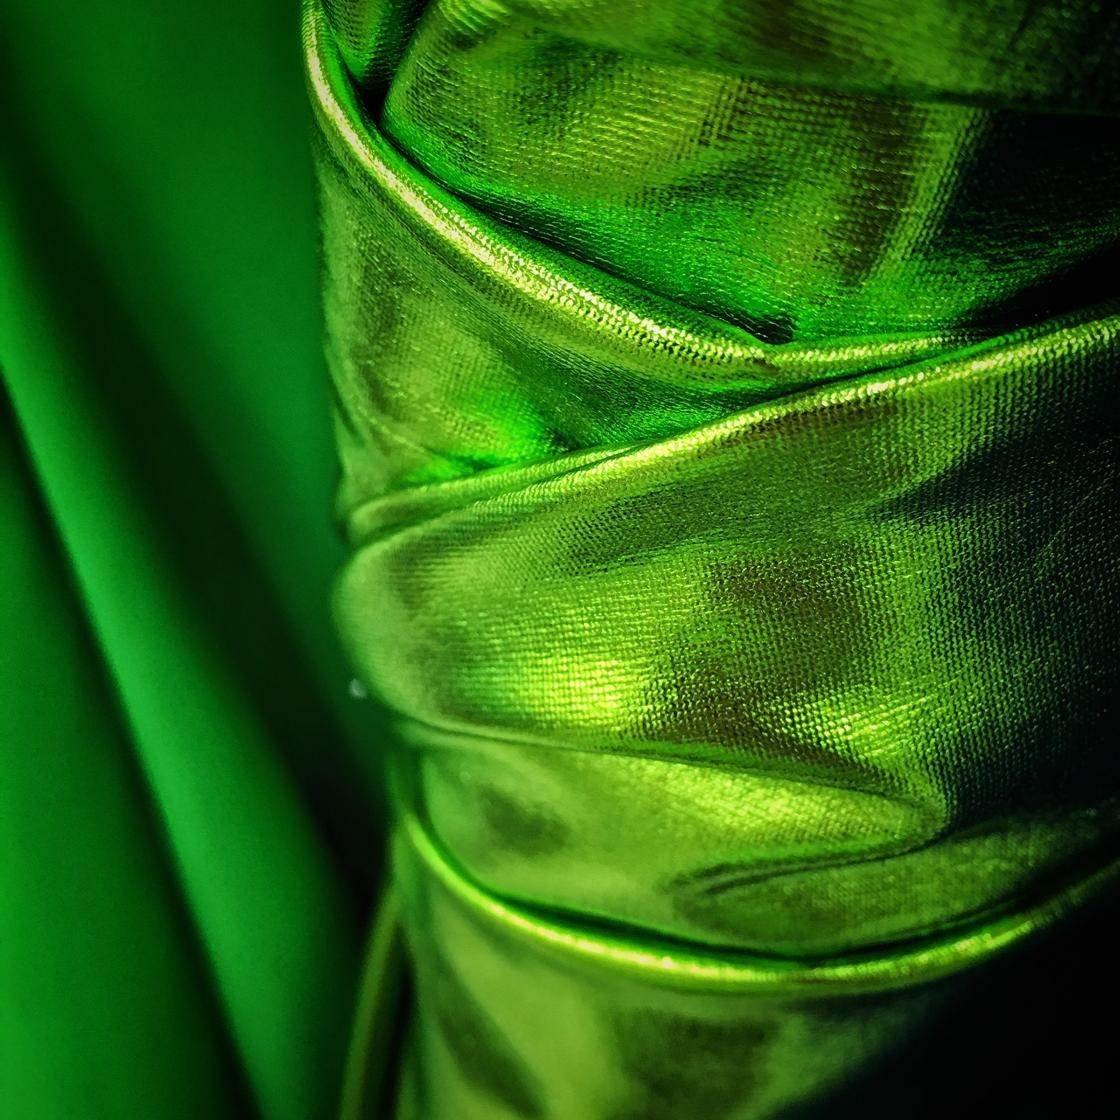 green_iphone_photos-04 no script